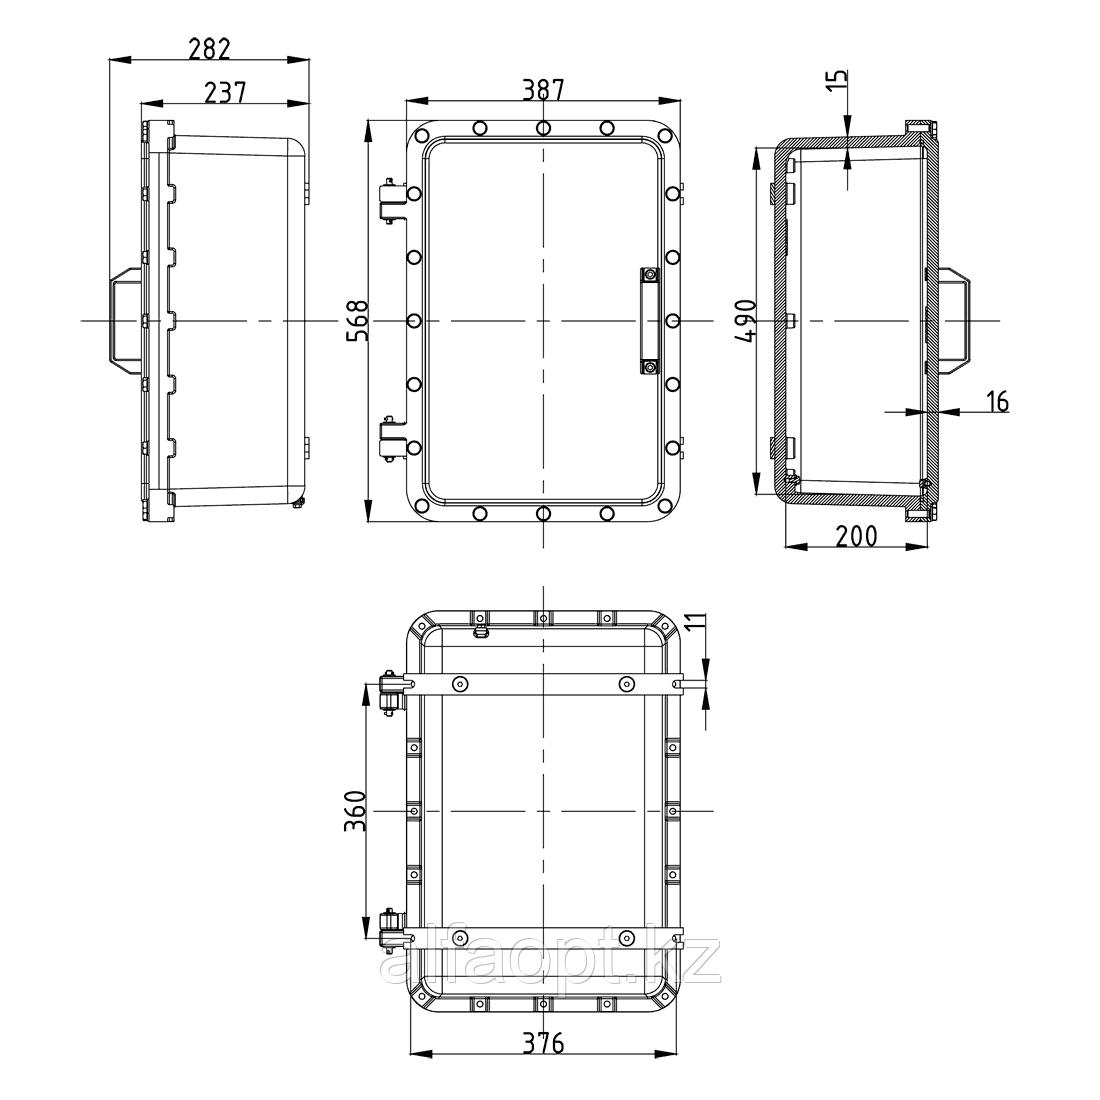 Взрывозащищенная коробка ЩОРВ-Н563823 (взрывонепроницаемая оболочка) из нержавеющей стали